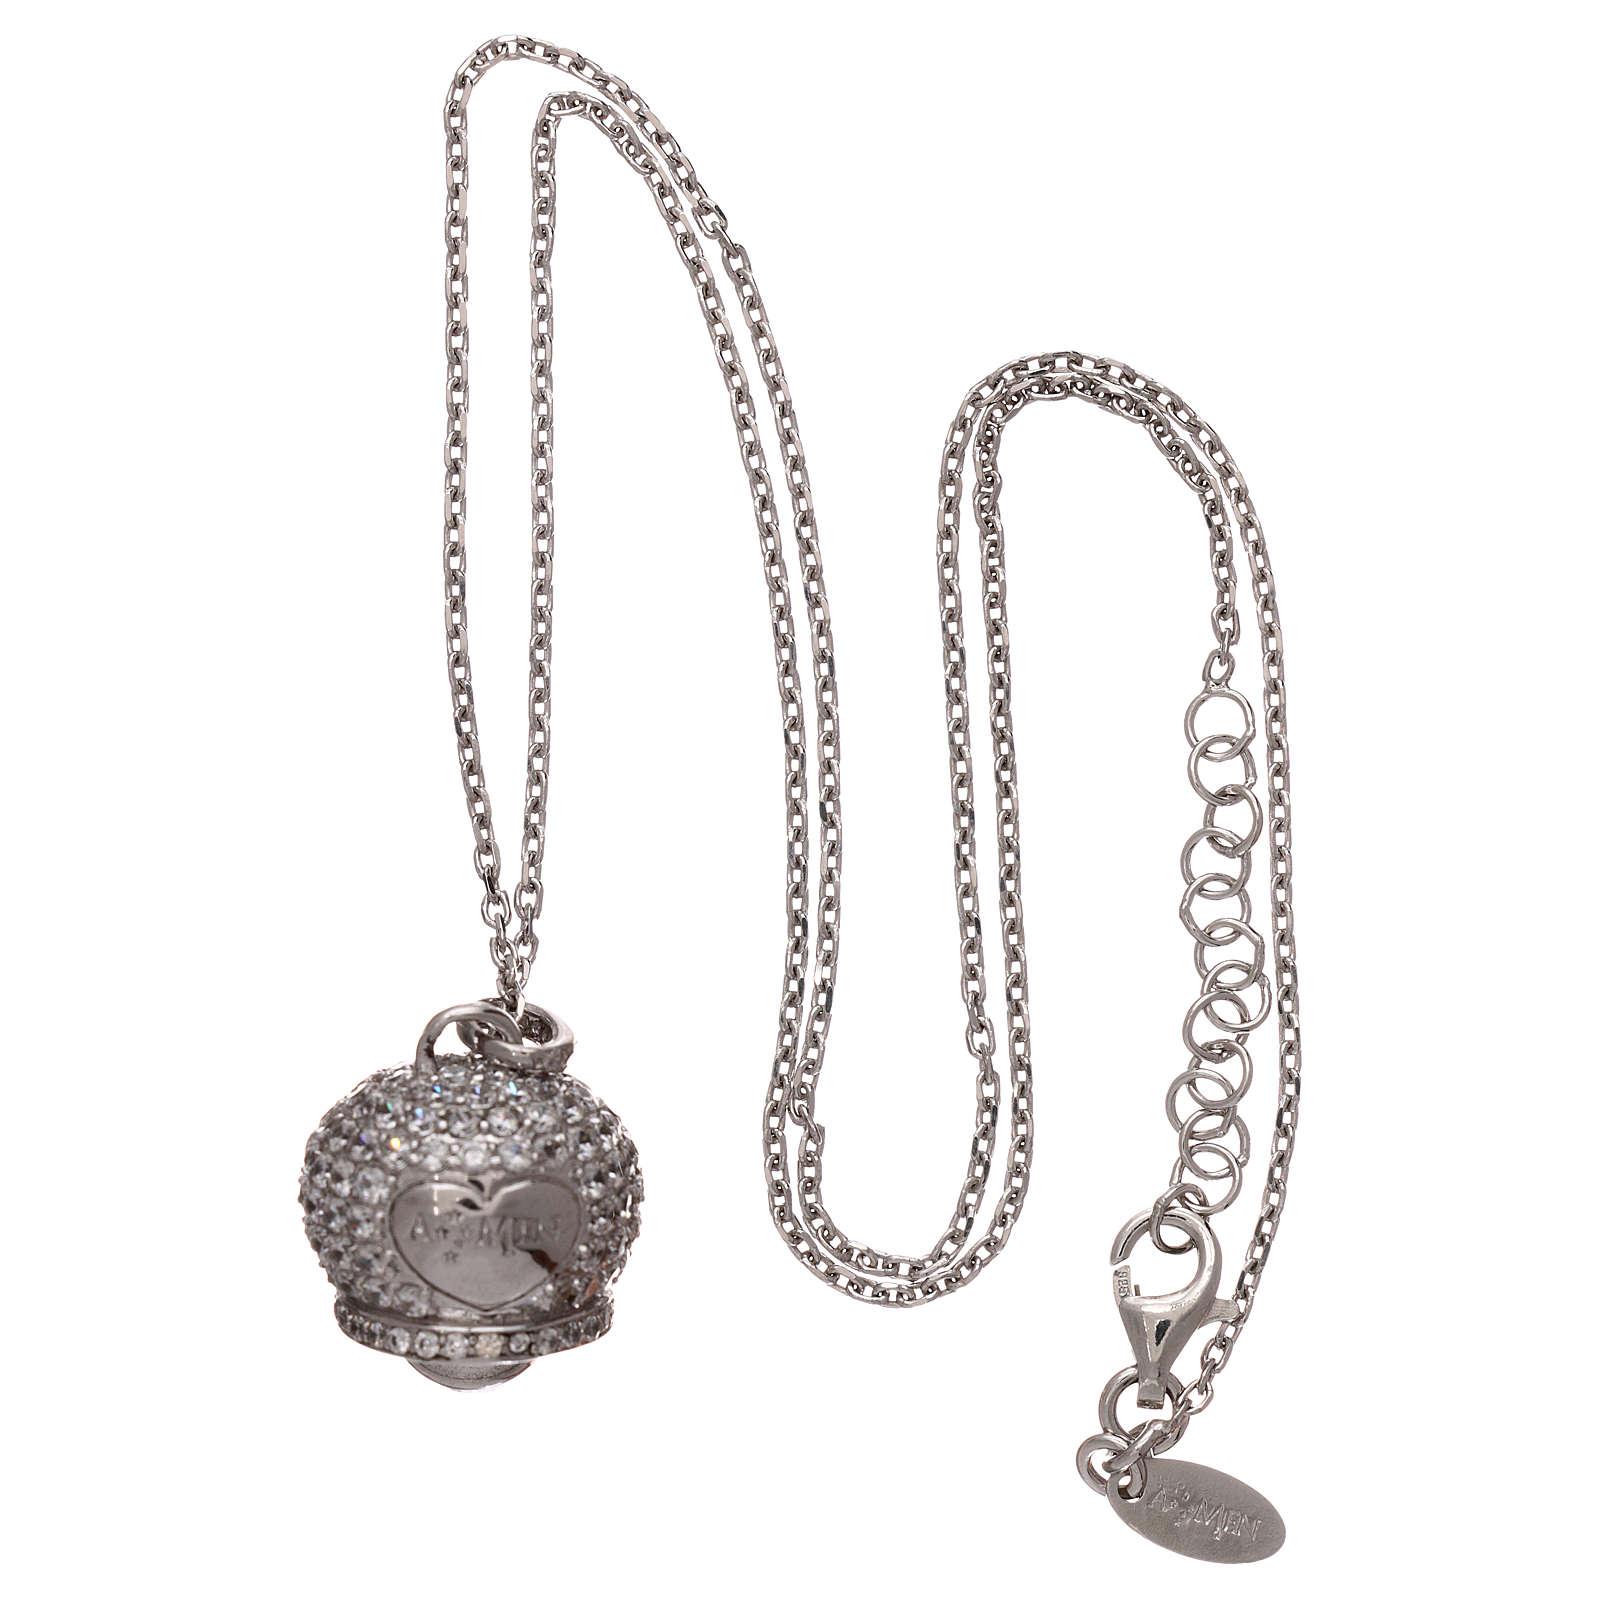 Collana in argento 925 ciondolo campanella con zirconi AMEN 4